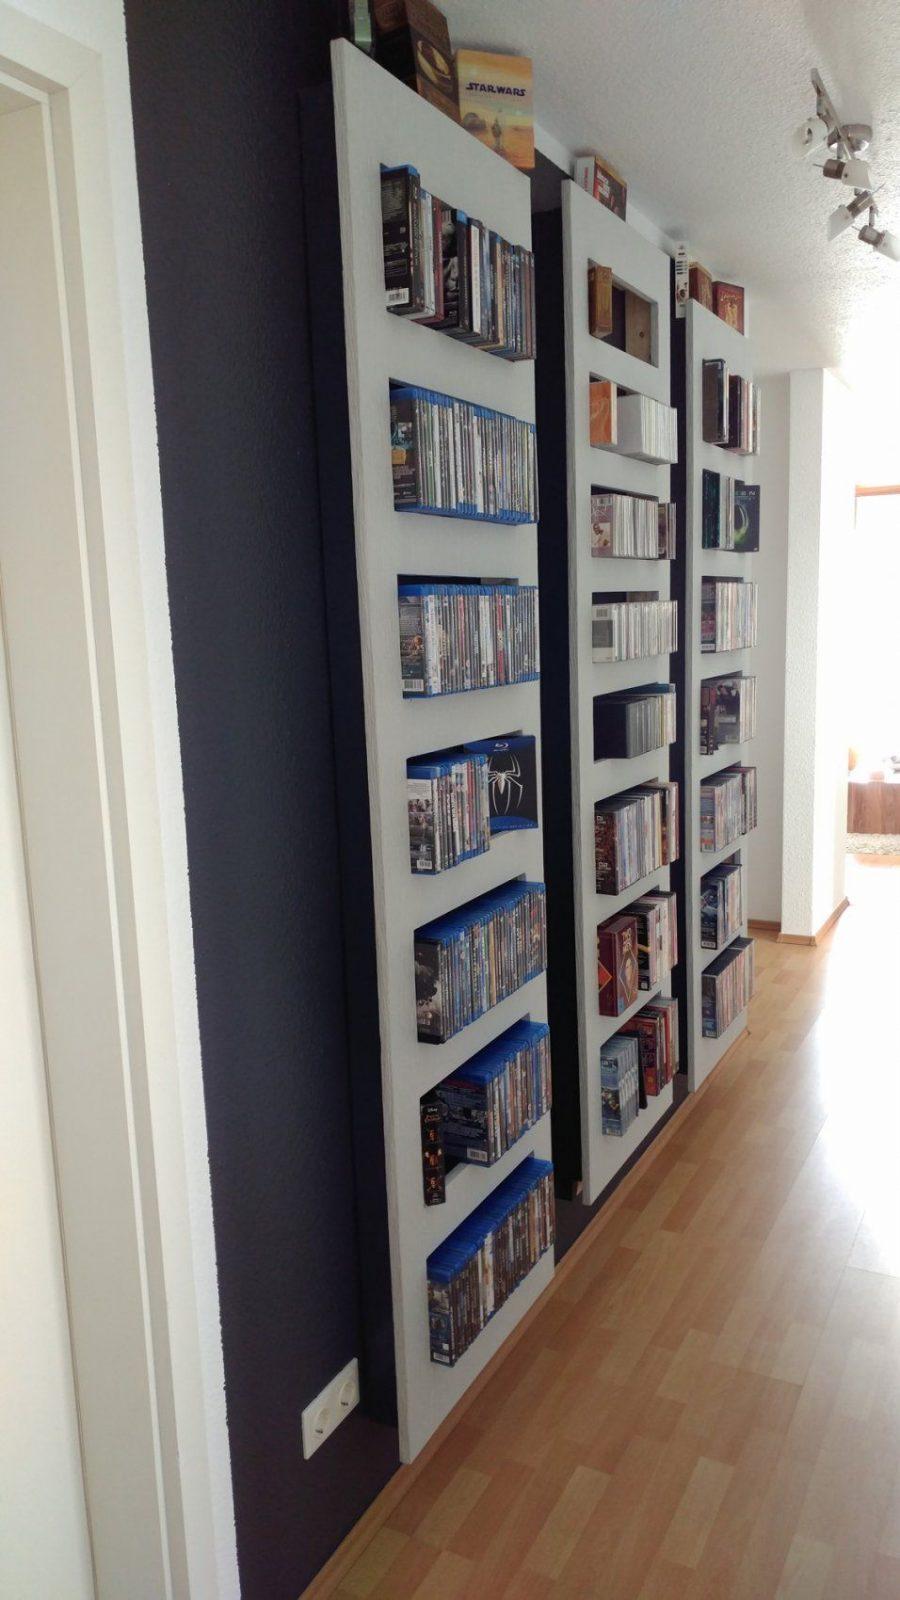 Selbstbau Eines Regals Für Blurays Oder Dvds  Technikaffe von Blu Ray Regal Selber Bauen Photo